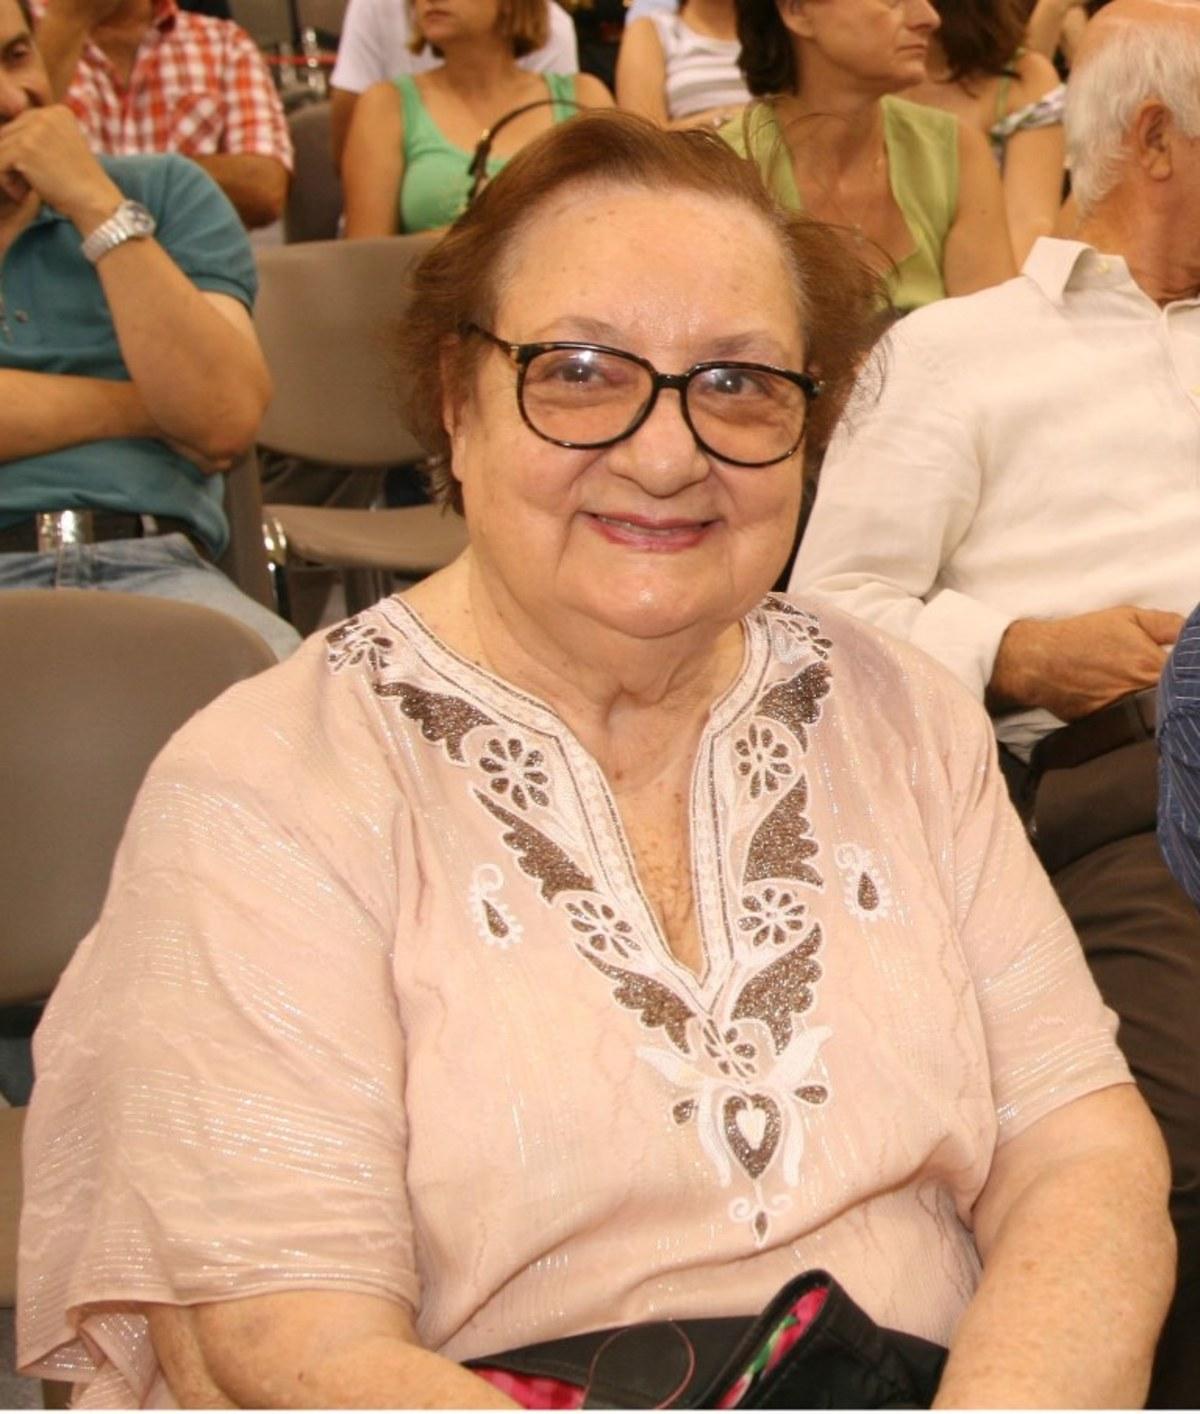 Ροζίτα Σώκου: Στα 95 της στη συναυλία του Μάριου Φραγκούλη! Η στενή και άγνωστη σχέση τους! [pics]